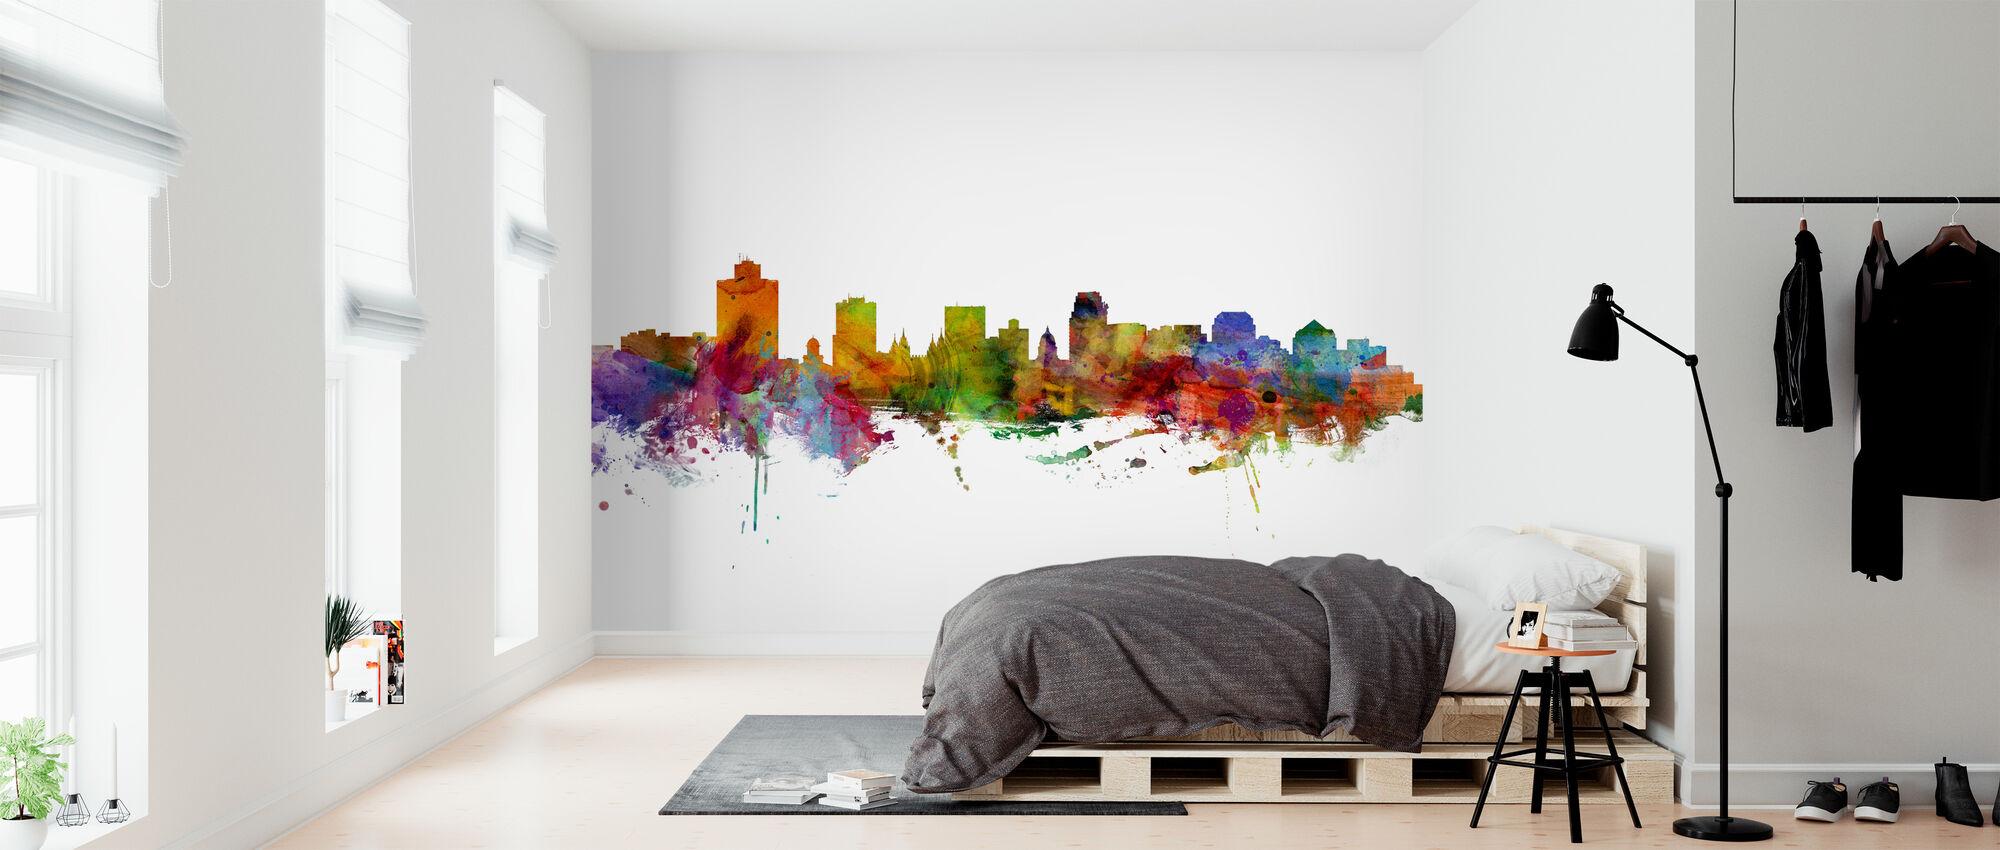 Salt Lake City Skyline - Wallpaper - Bedroom